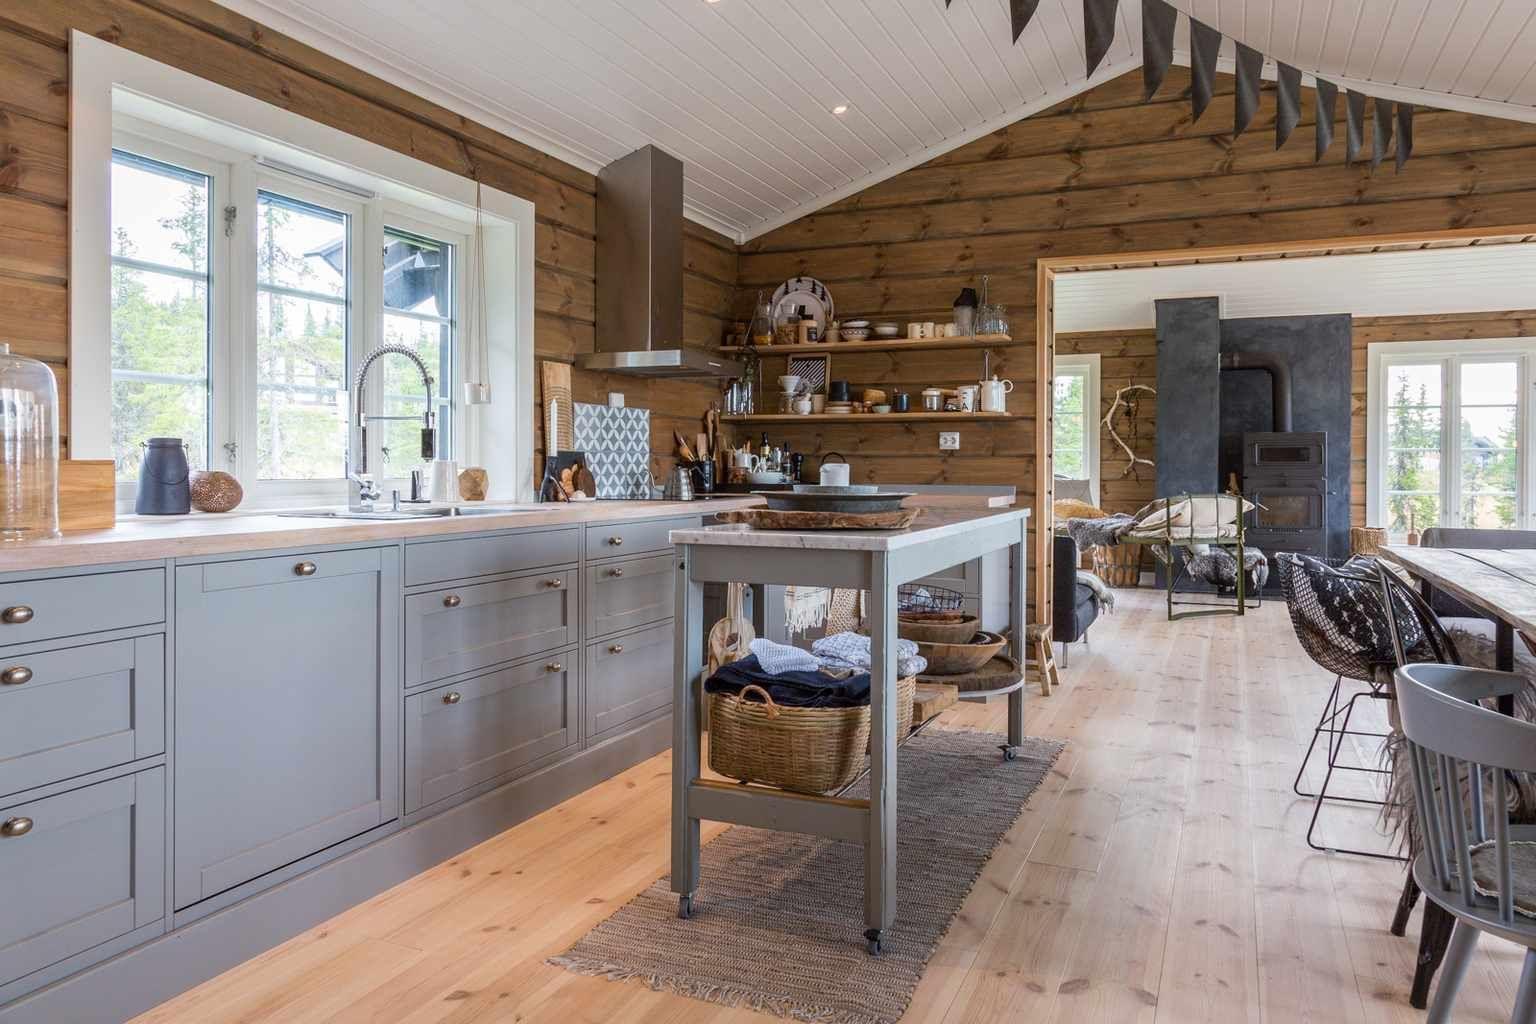 светло-серый дизайн кухни в деревянном доме